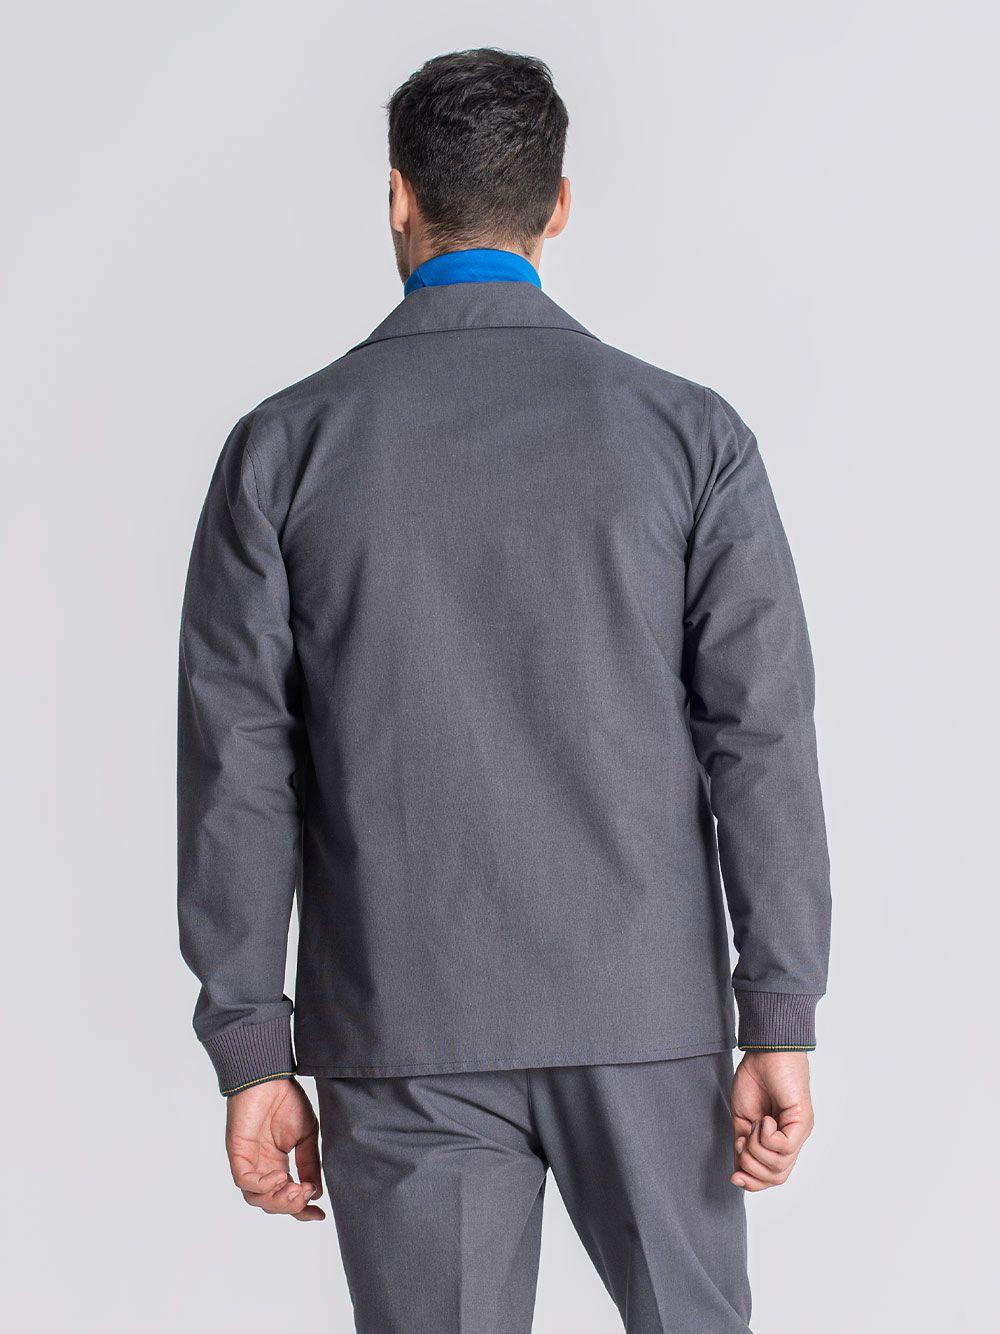 Camisa Coimbra Cinza Escuro | JEF